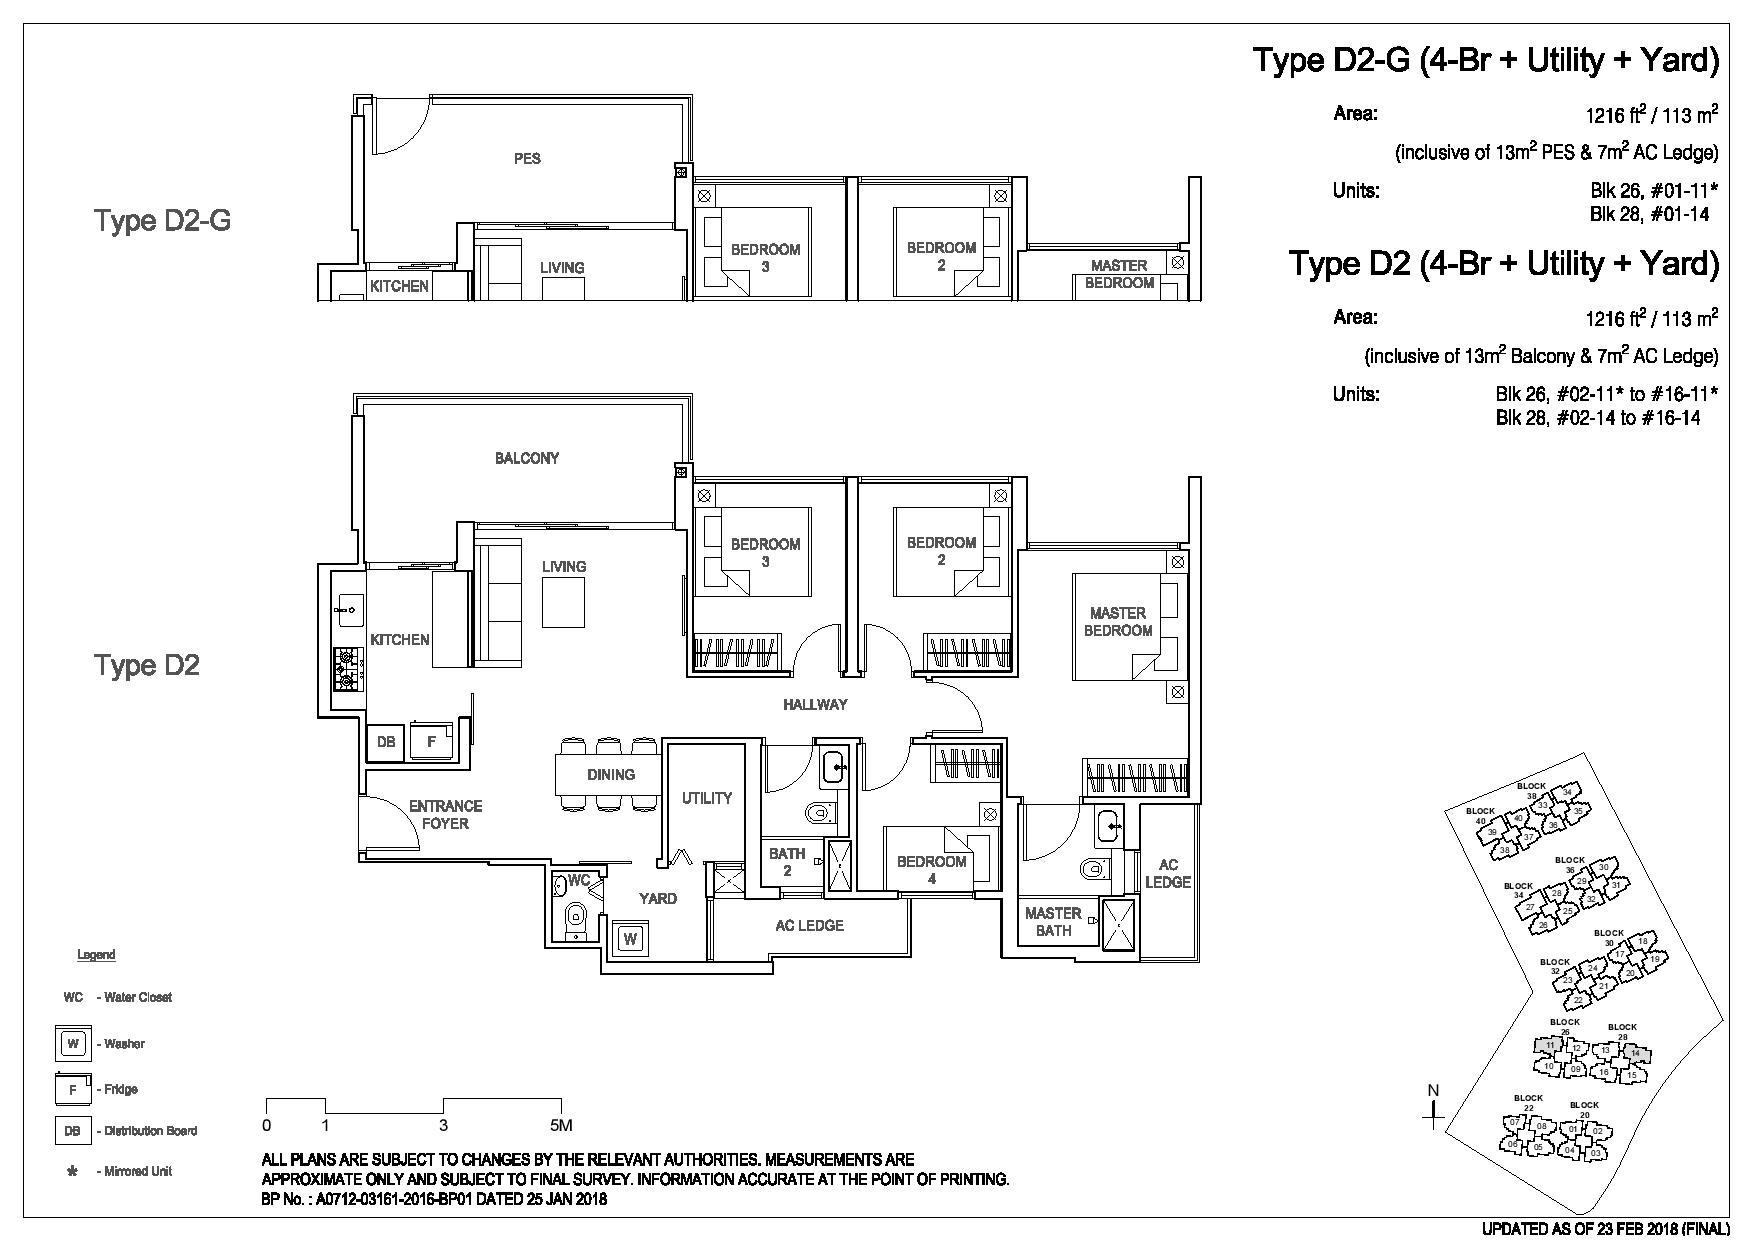 3 Bedroom Type D2